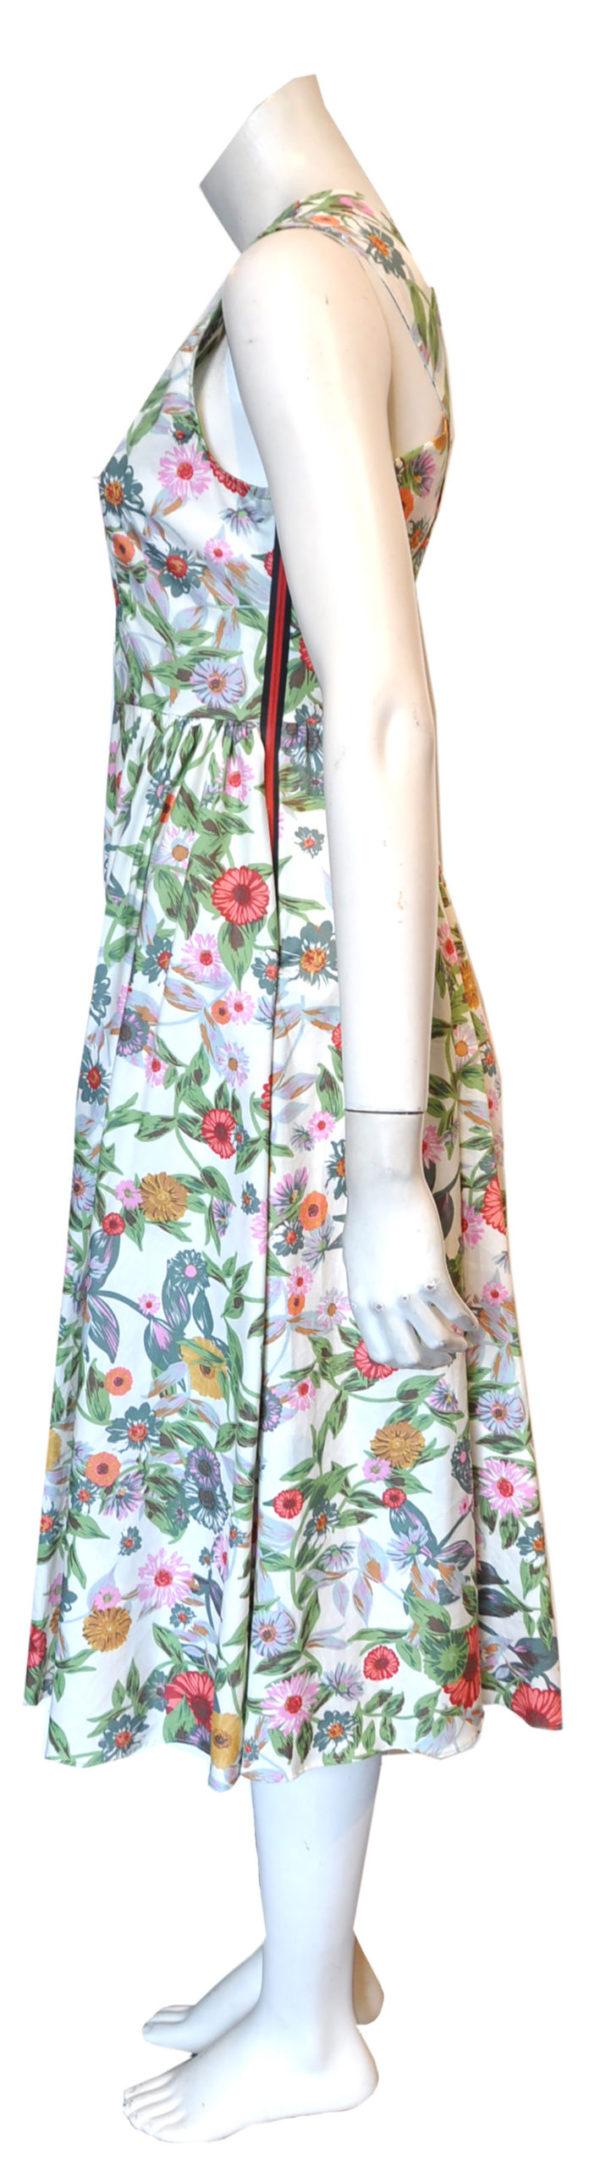 floral cross back dress- side